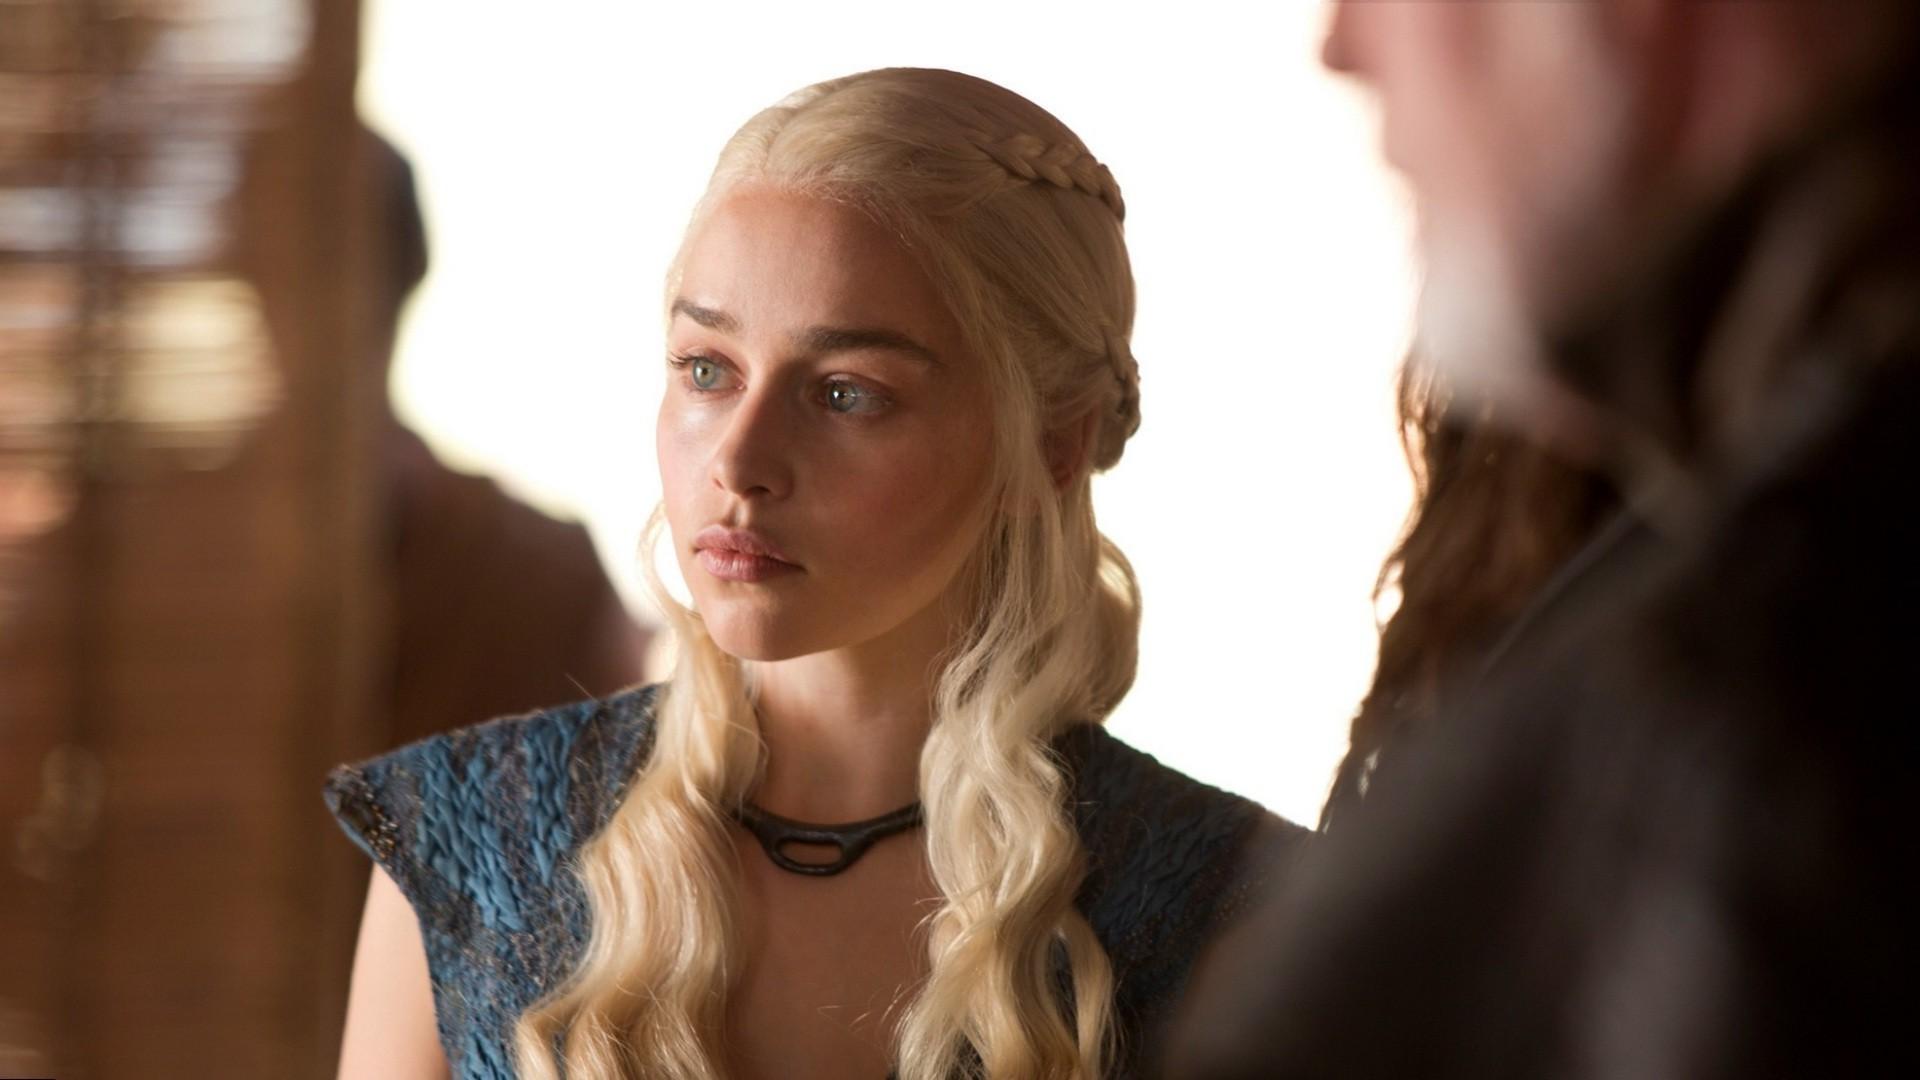 Fondos De Pantalla Cara Modelo Moda Game Of Thrones